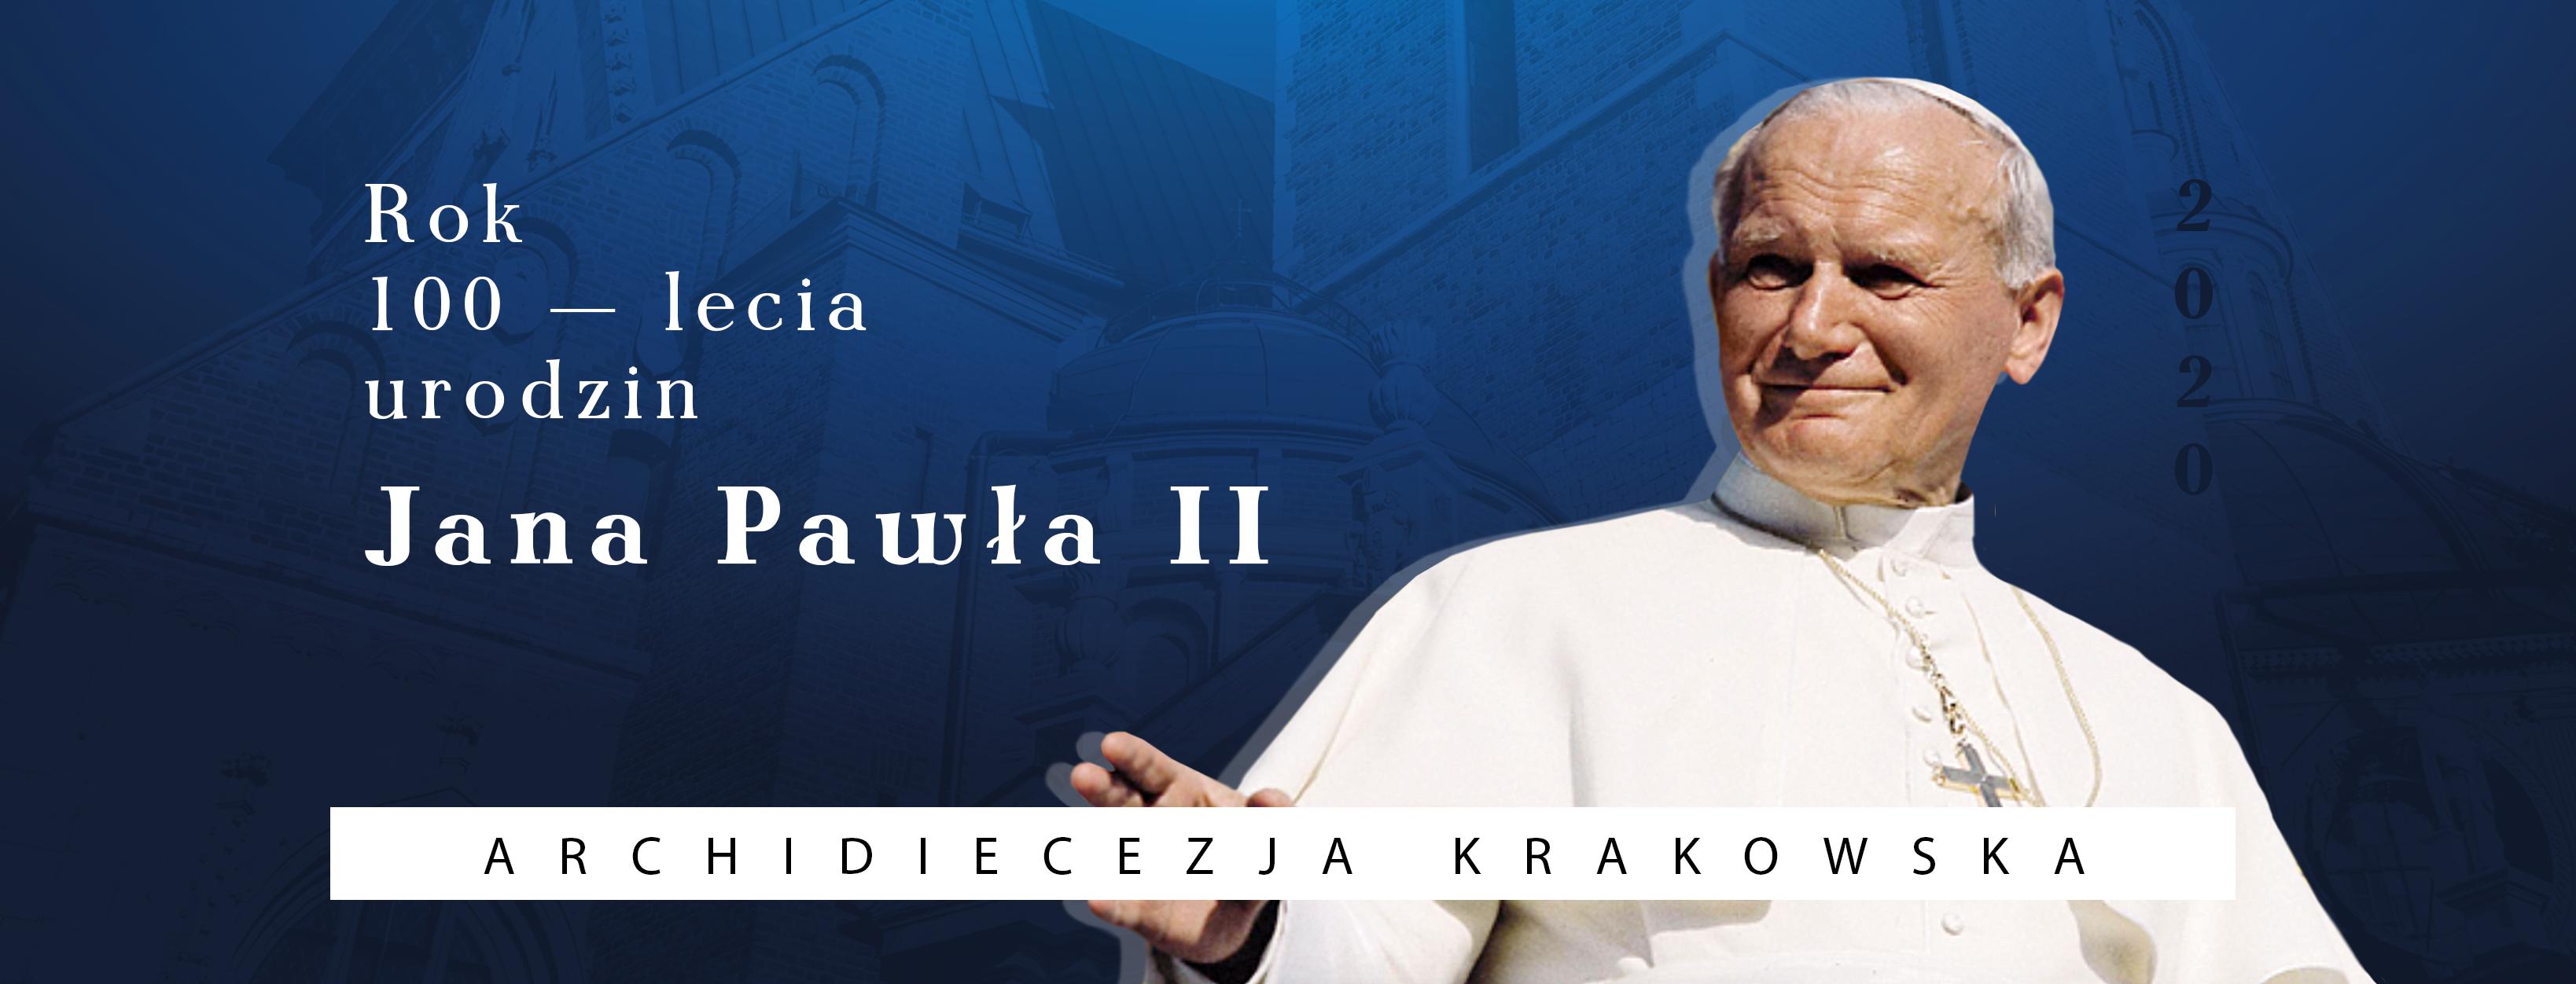 Sejm ustanowił rok 2020 Rokiem Świętego Jana Pawła II